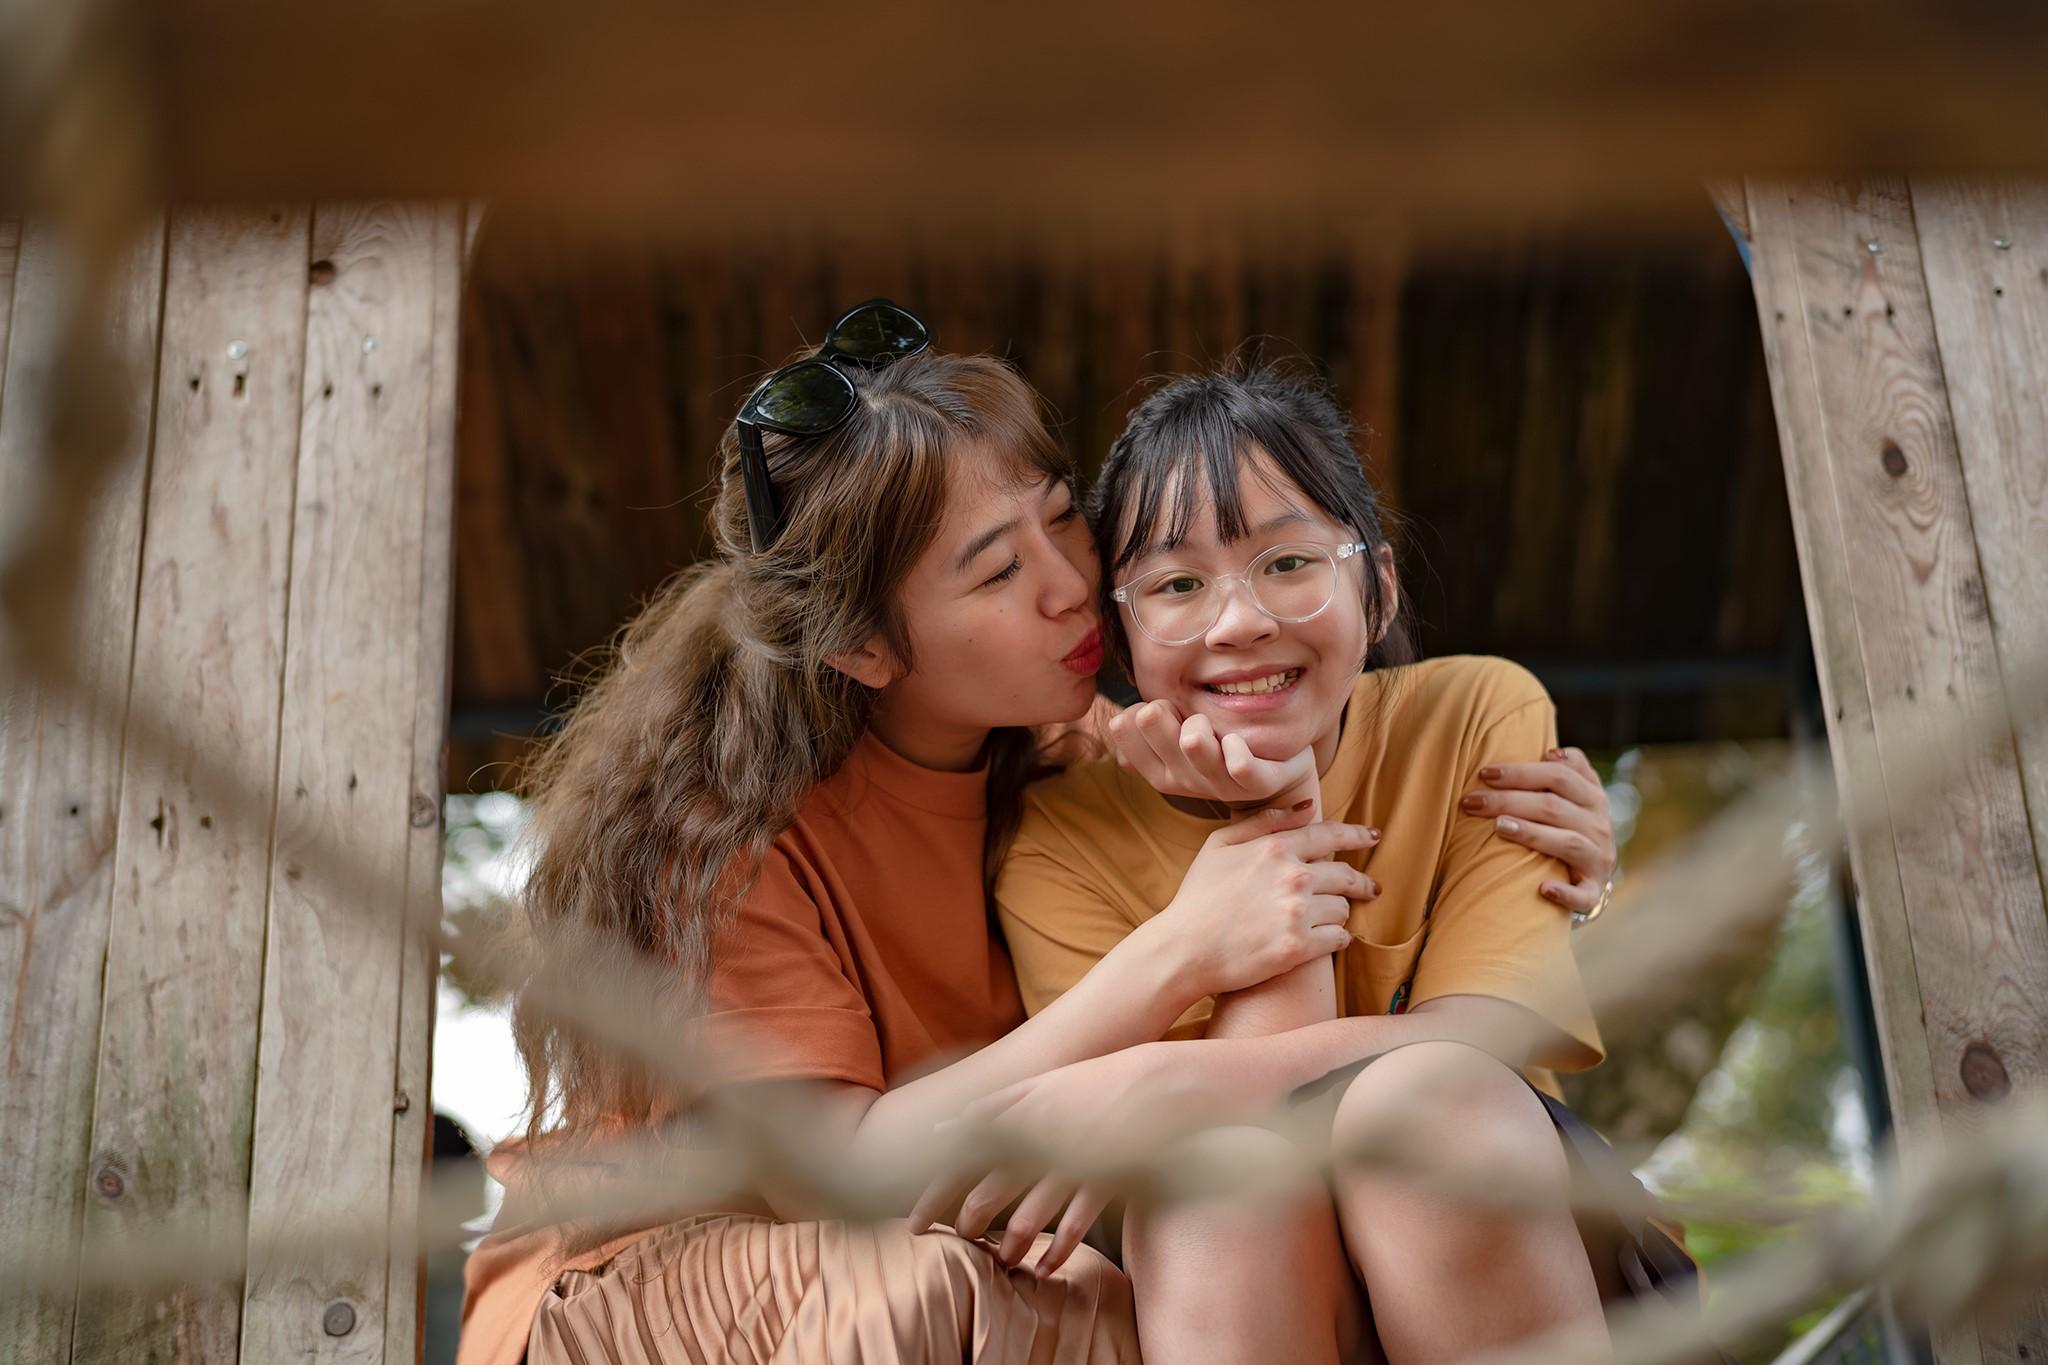 Con gái MC Diệp Chi mới 9 tuổi đã cao gần bằng mẹ, học cực giỏi lại ngoan, bí kíp gói gọn trong 2 việc đơn giản mẹ nào cũng có thể học theo - Ảnh 10.